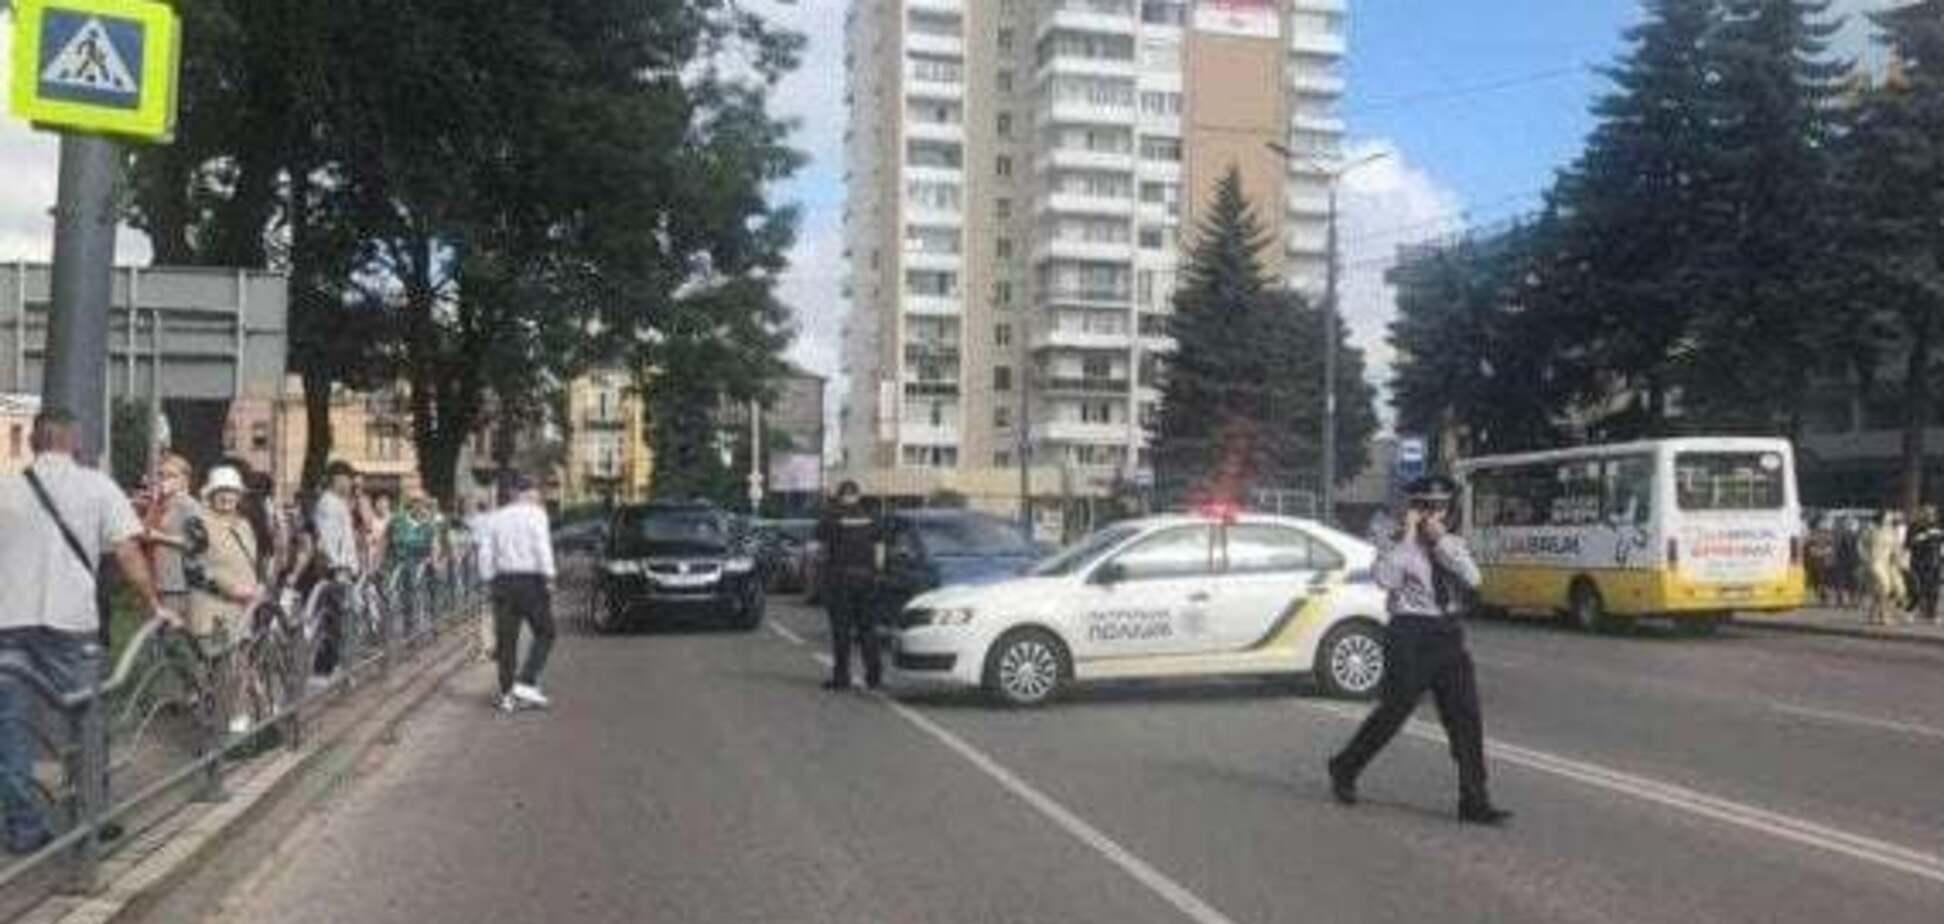 Захоплення заручників у Луцьку: карантин нам ще буде довго виходити боком